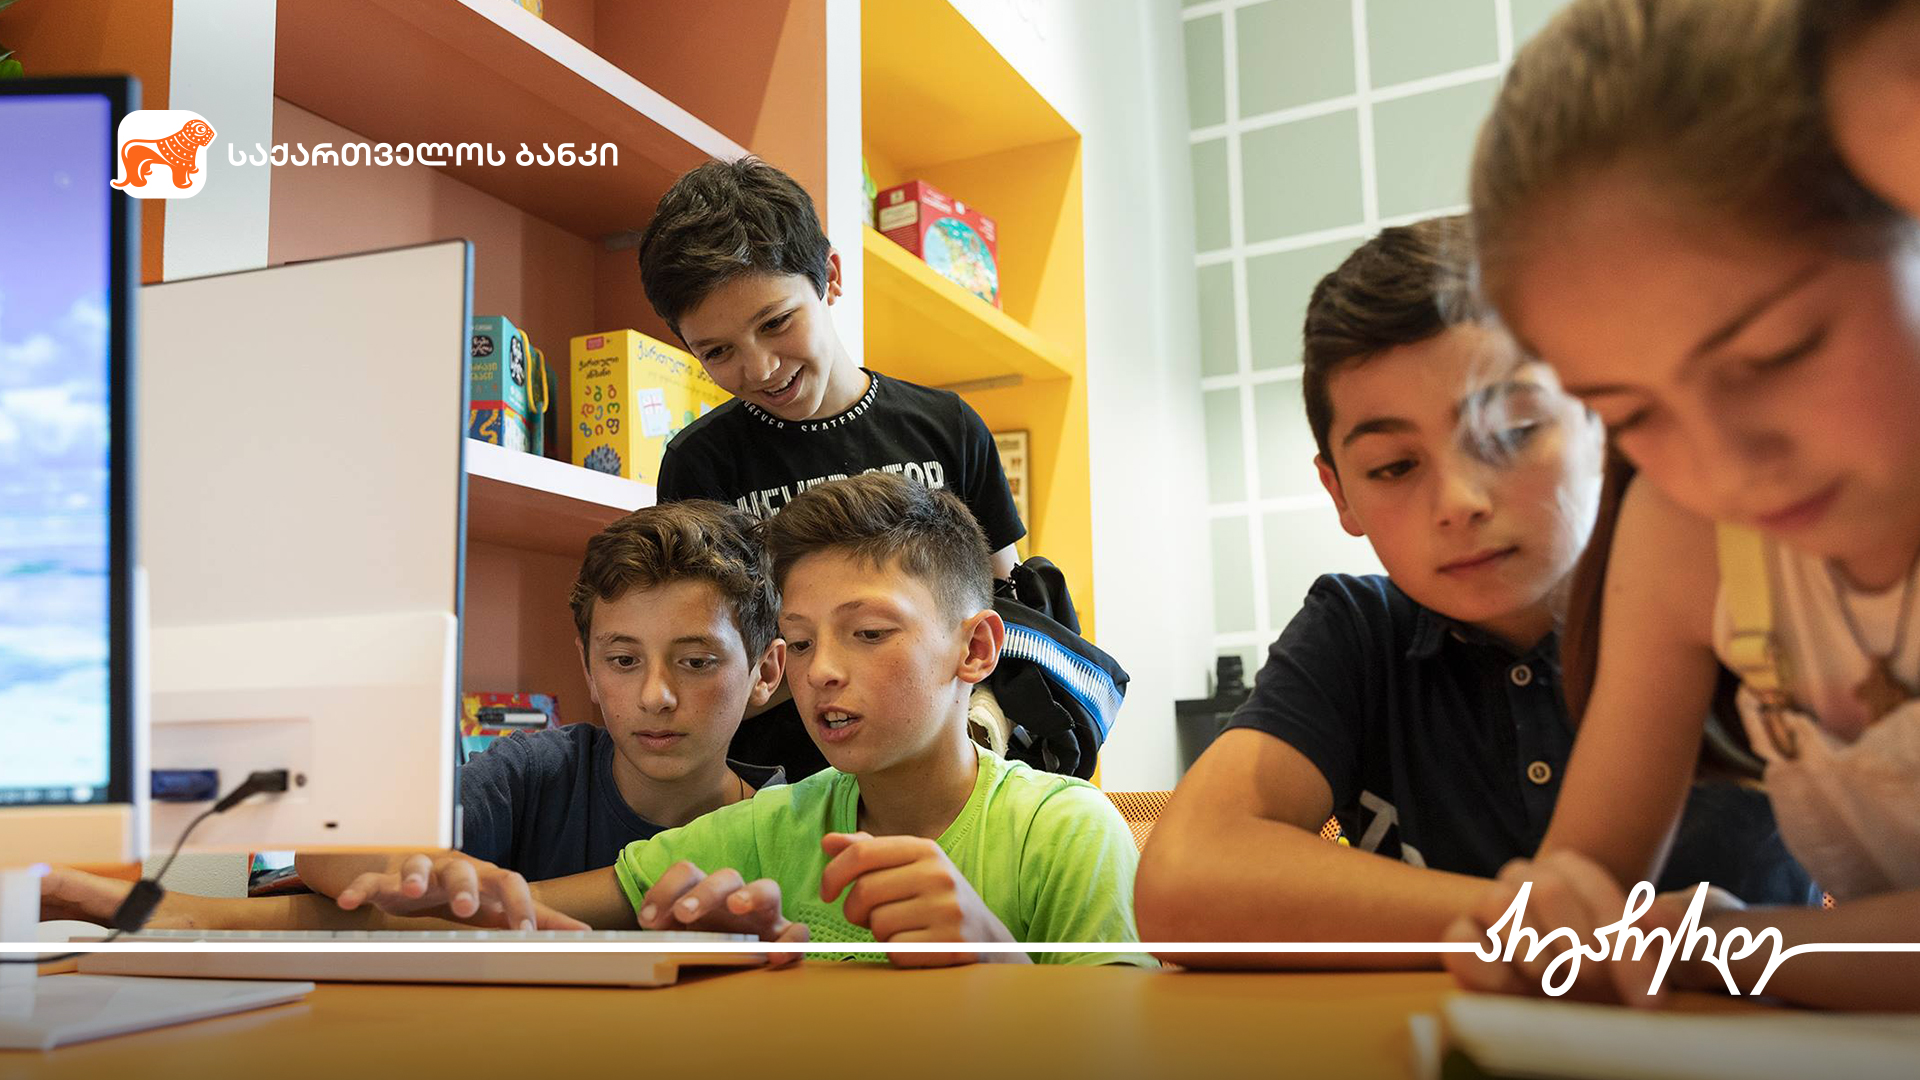 საქართველოს ბანკი მოსწავლეებს ახალ სასწავლო სივრცეებს სთავაზობს